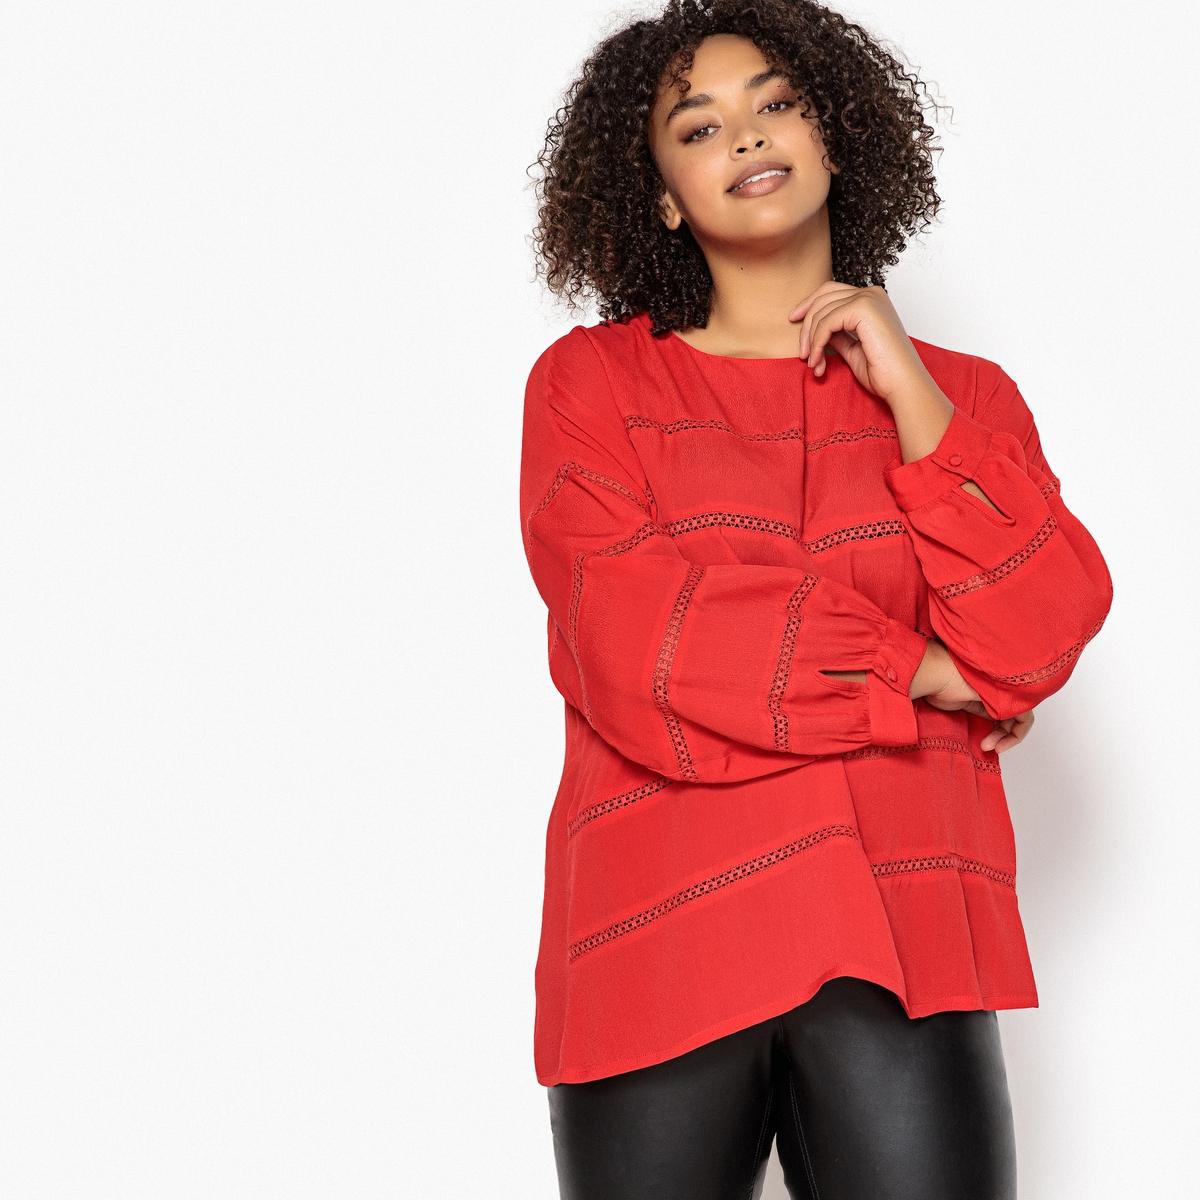 Блузка La Redoute С круглым вырезом кружевными деталями и длинными рукавами 50 (FR) - 56 (RUS) красный блузка la redoute с круглым вырезом без рукавов 50 fr 56 rus черный